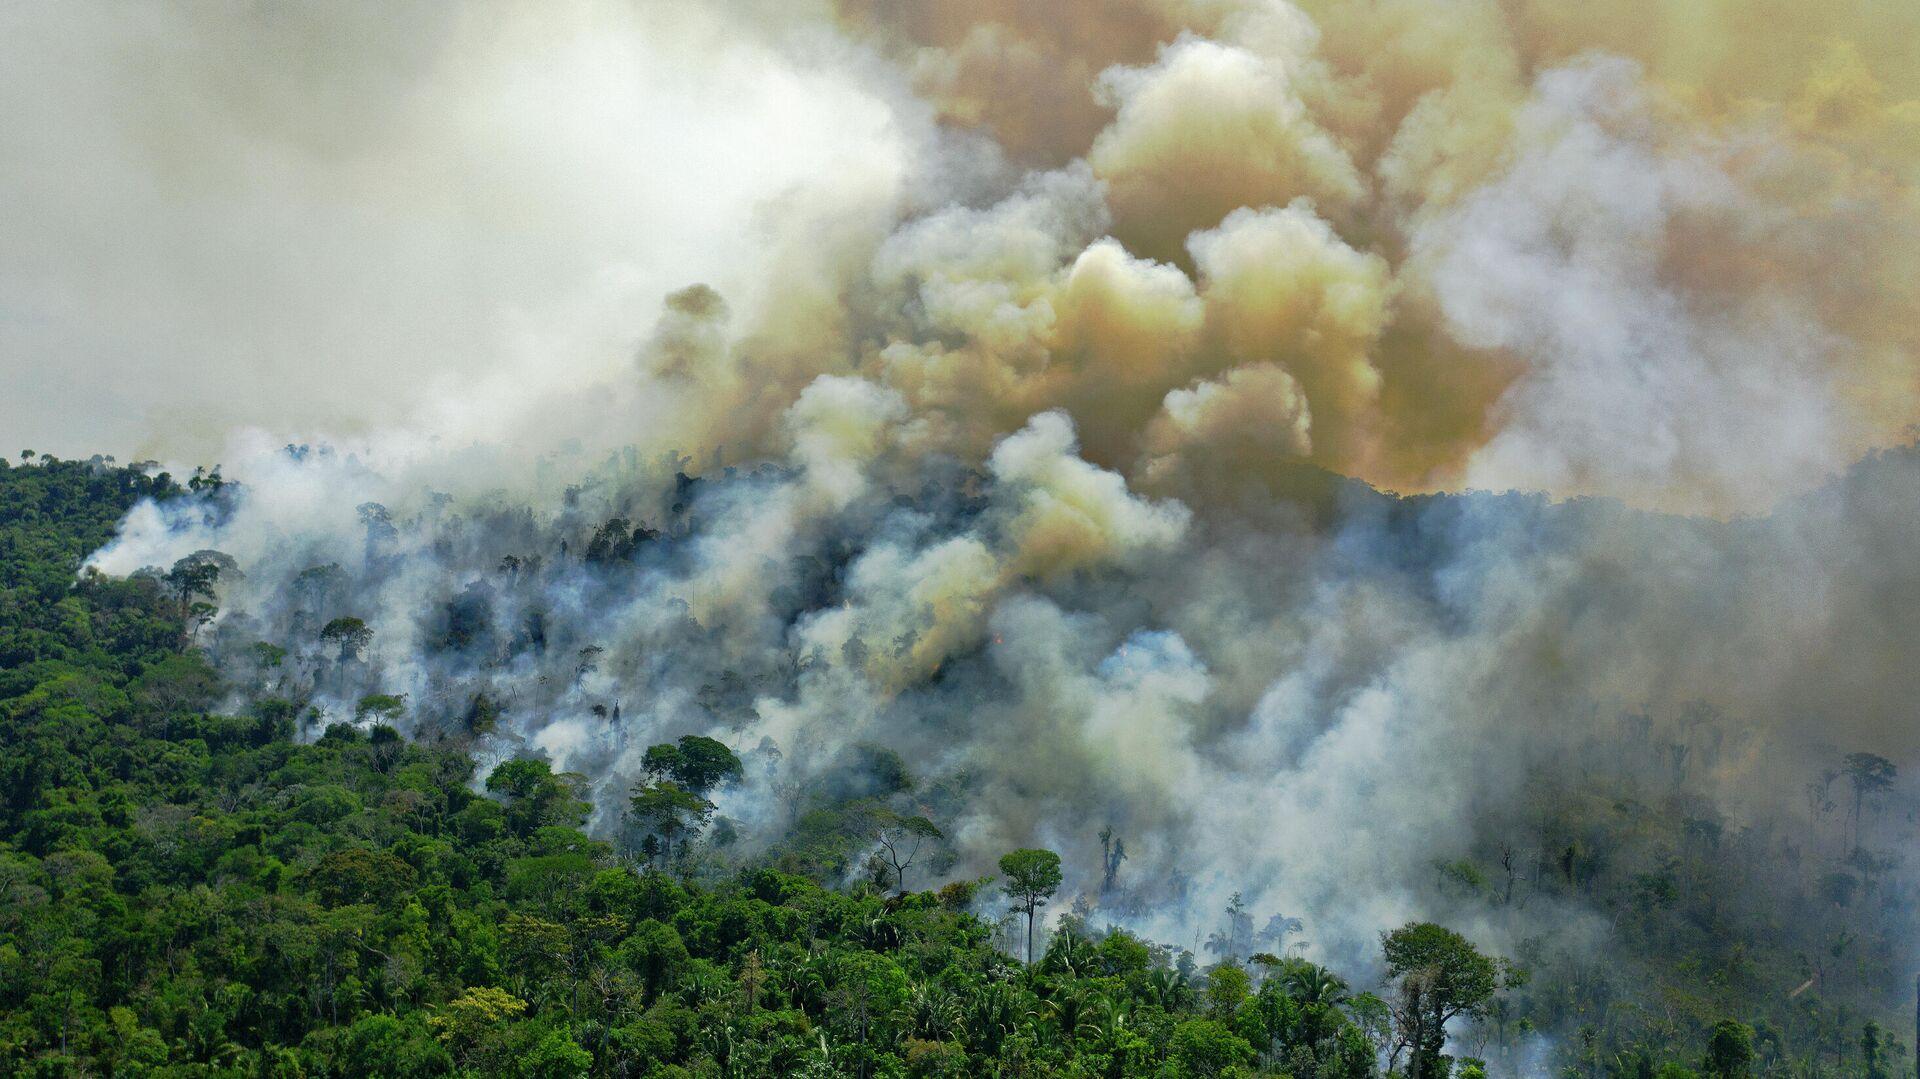 Incendio en la Amazonía brasileña - Sputnik Mundo, 1920, 02.07.2021